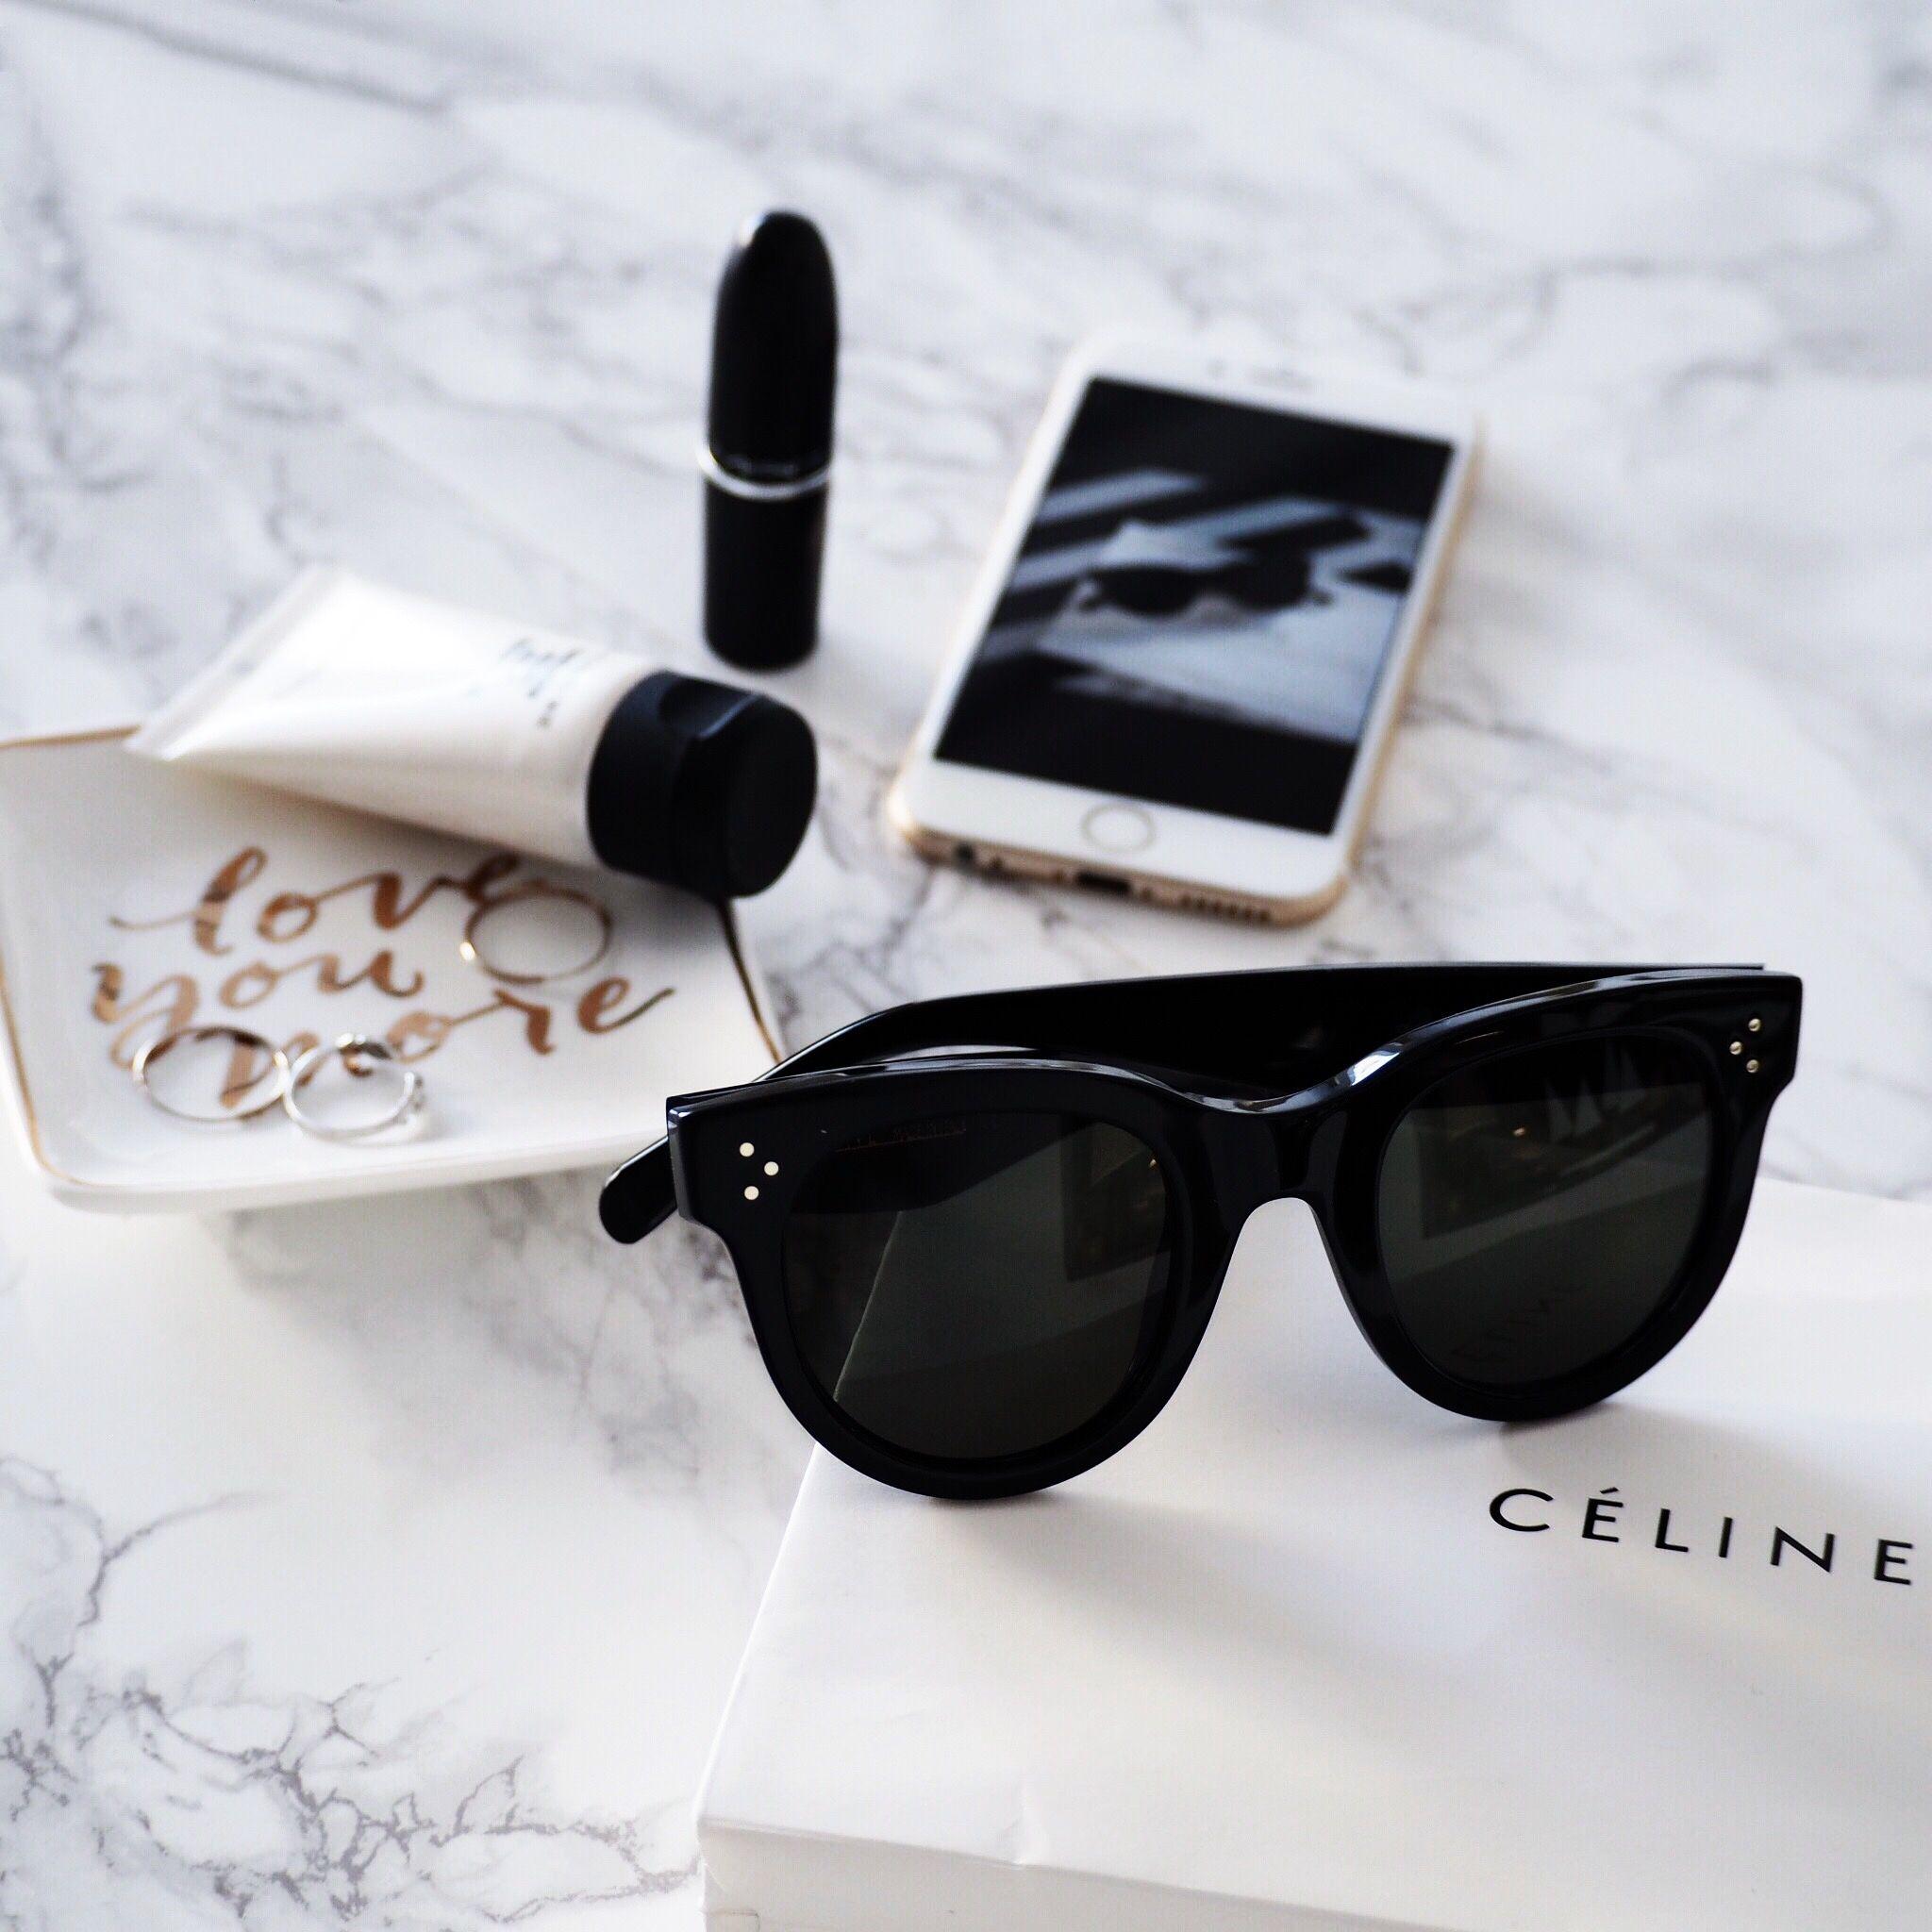 fae9c9f41d6d Just Celine  sunglasses  details